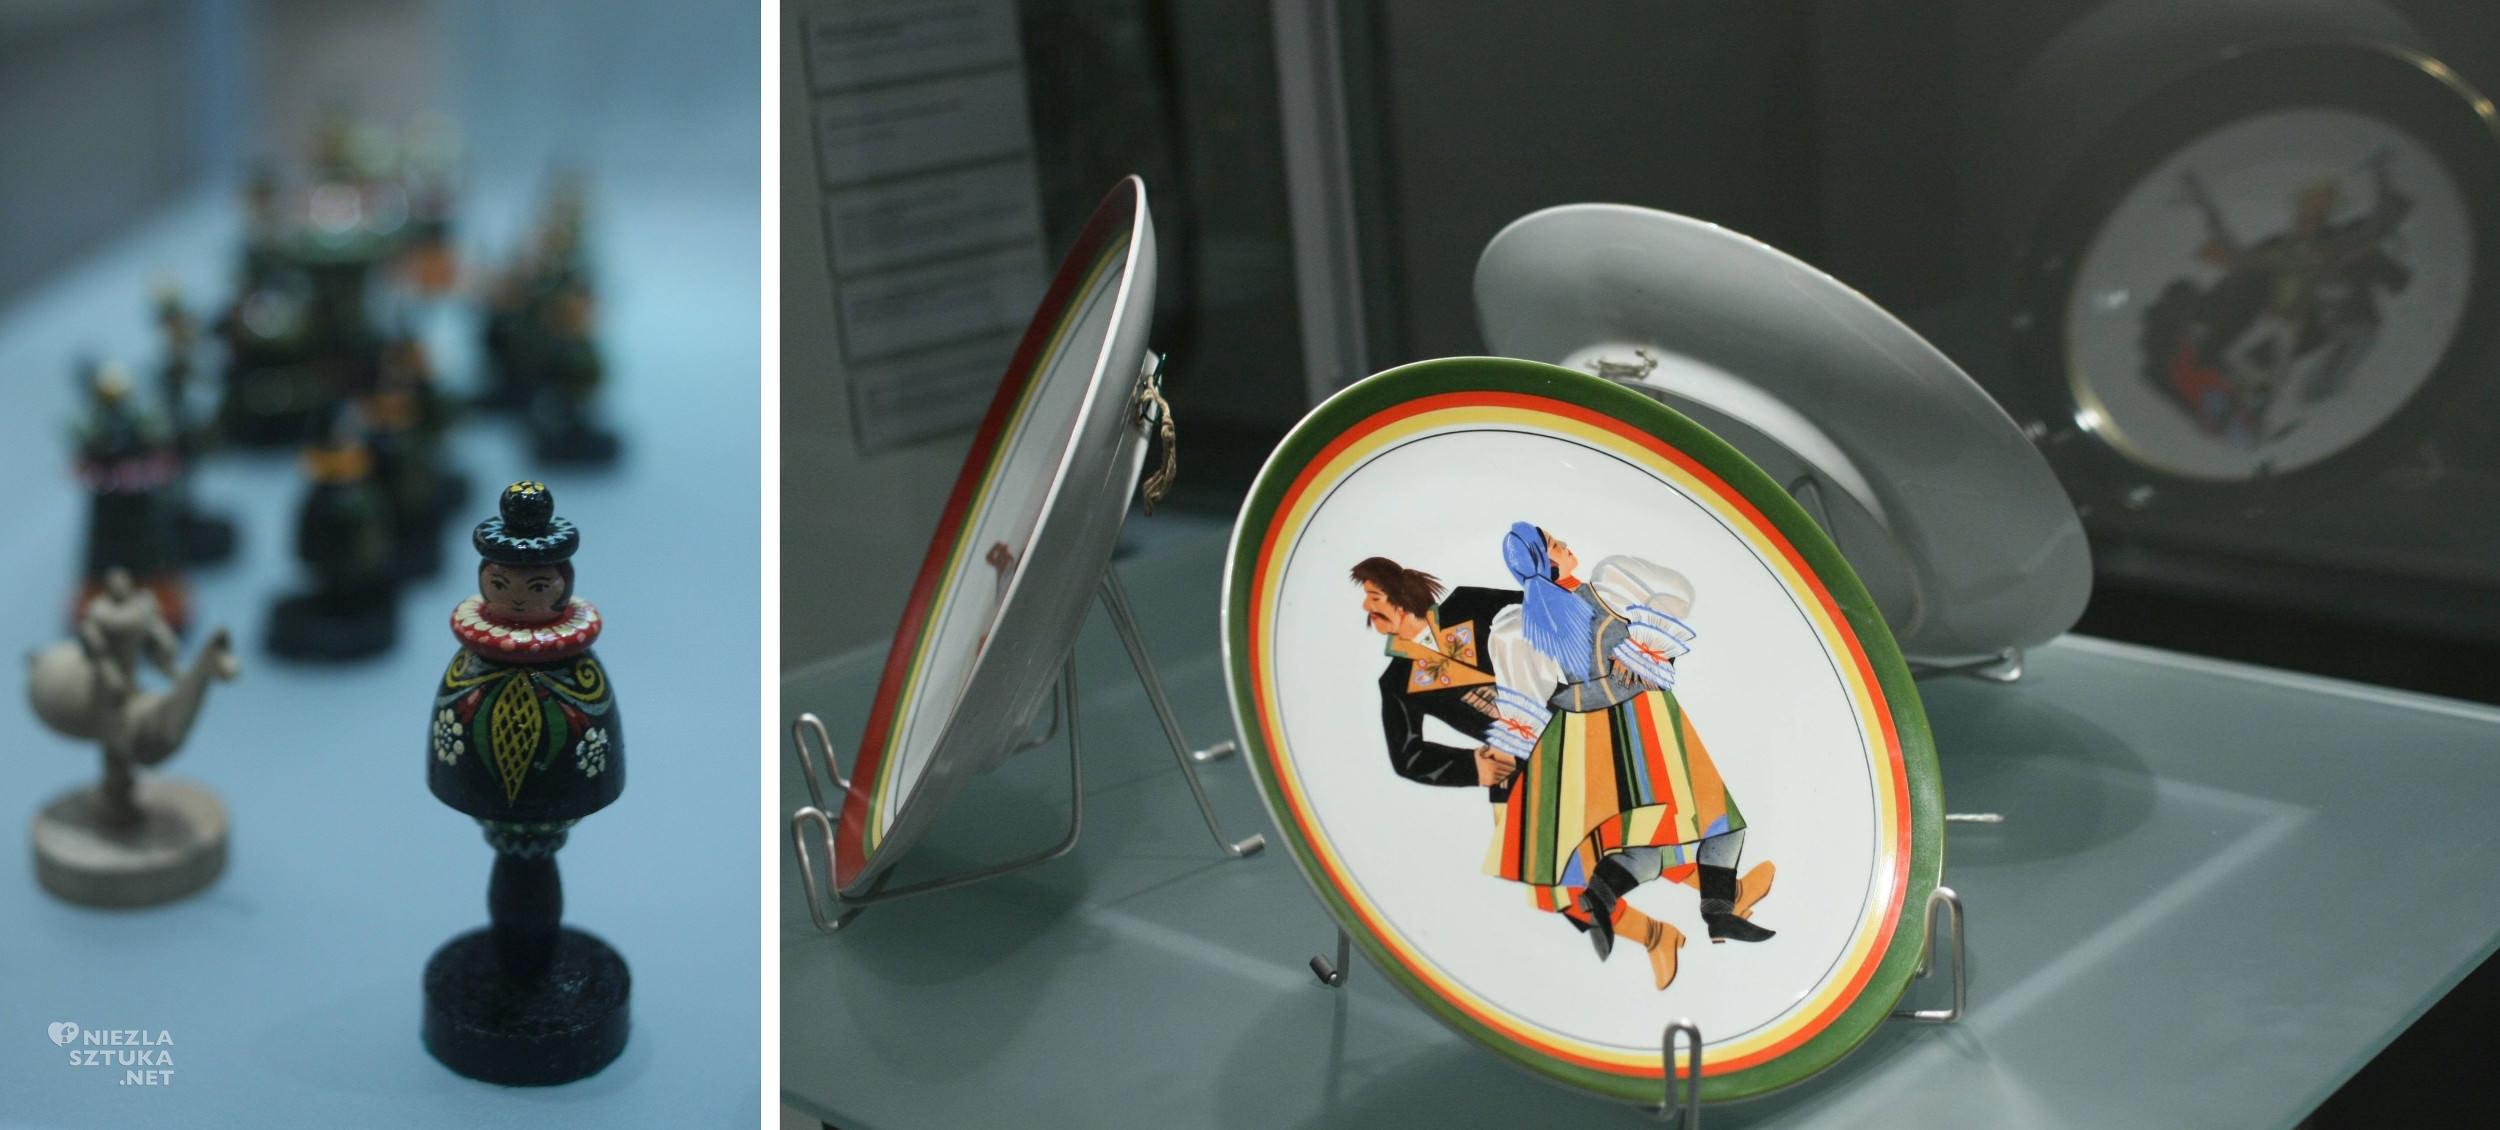 """Po lewej: Szachy autorstwa Zofii Stryjeńskiej; Po prawej: Półmiski i talerze malowane ręcznie w fabryce Porcelany Ćmielowie, wystawa """"Zofia Stryjeńska 1891-1976"""" w Muzeum Narodowym w Krakowie"""